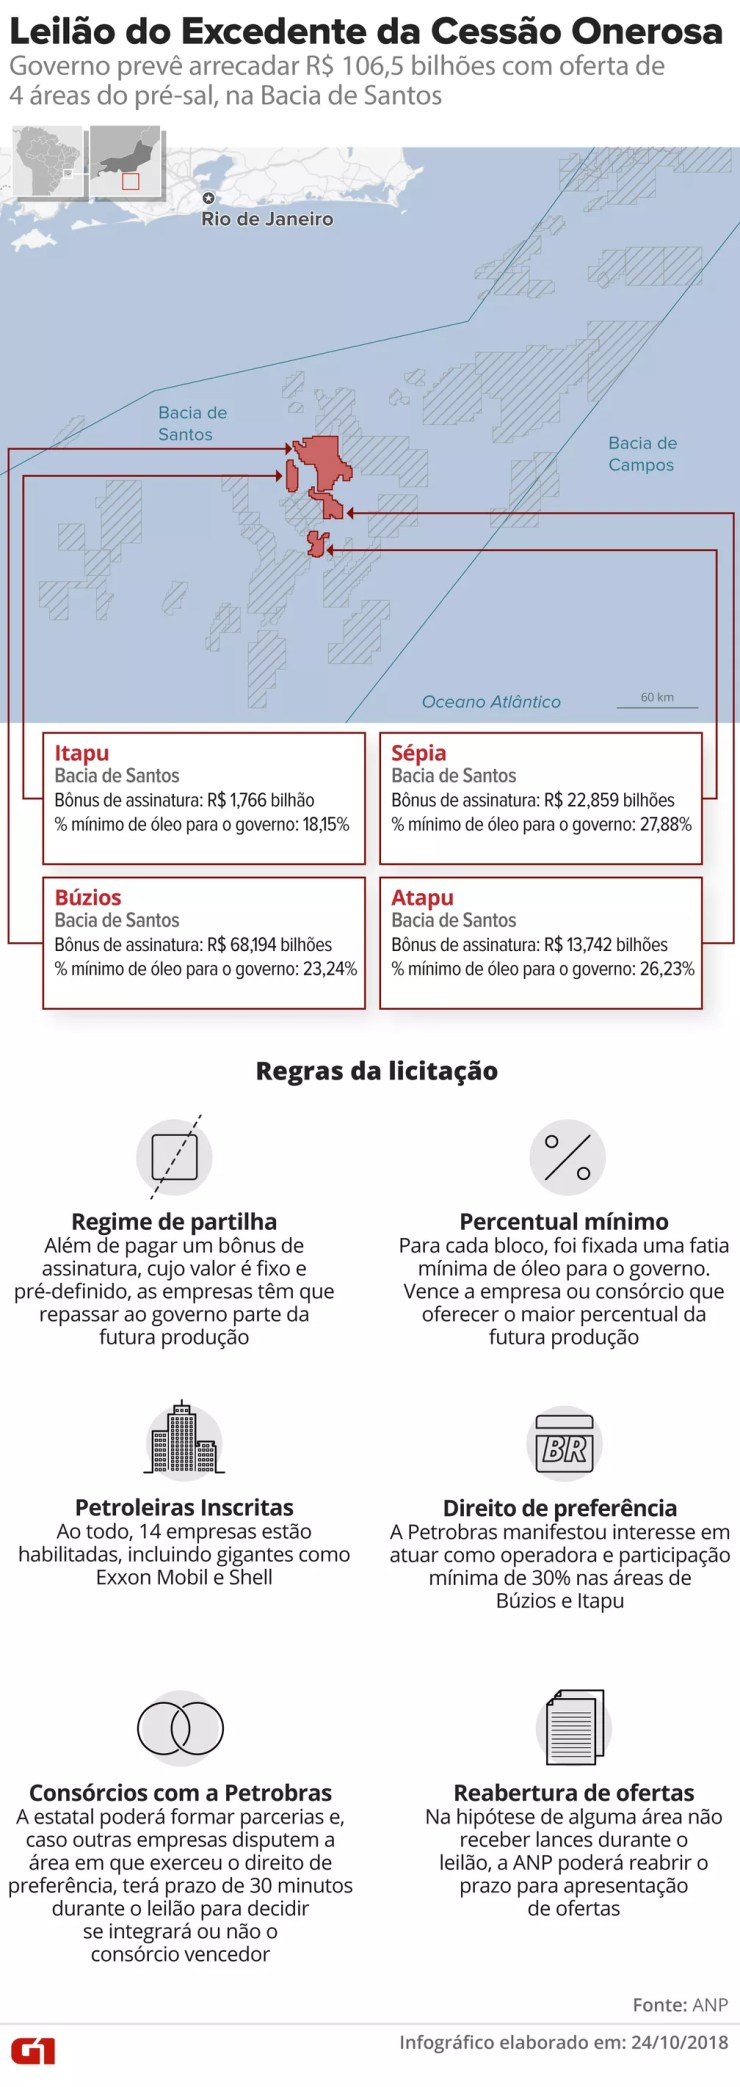 Megaleilão da cessão onerosa — Foto: Infografia G1